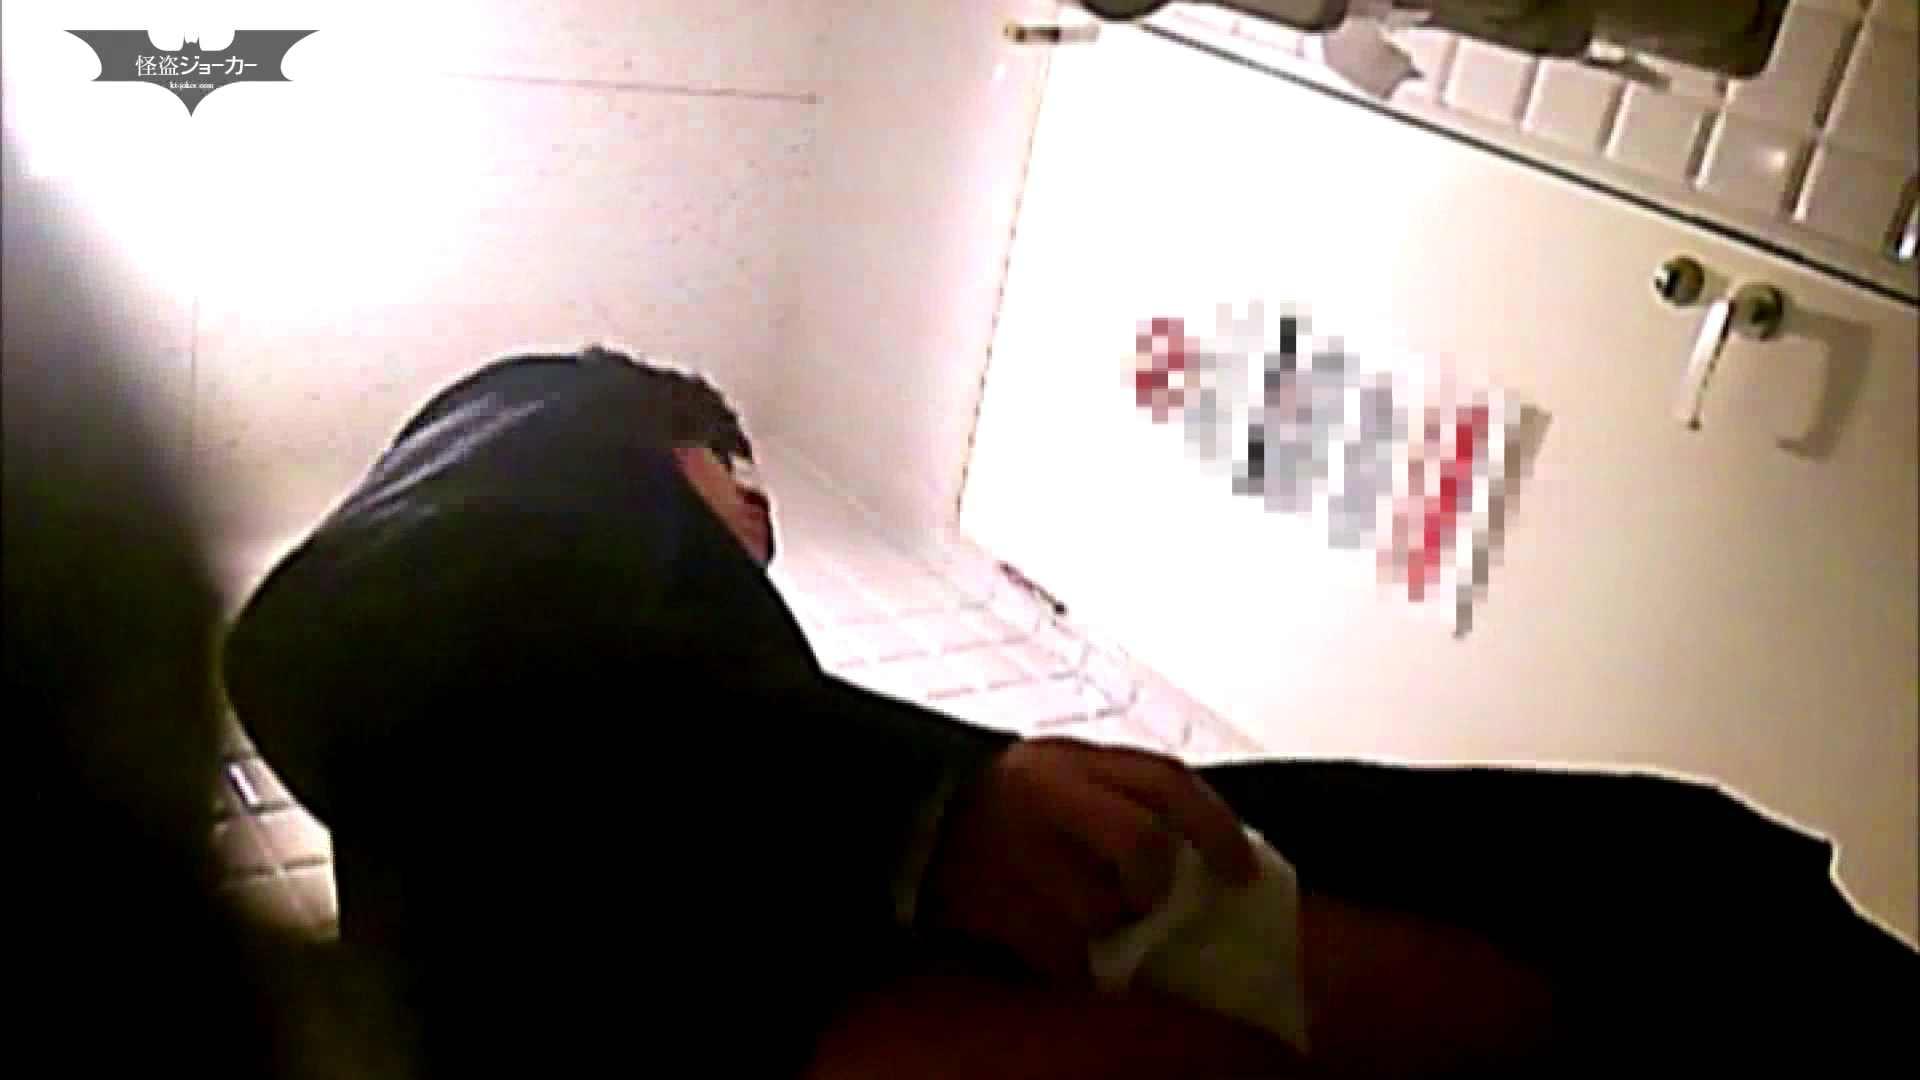 店長代理の盗撮録 Vol.02 制服ばかりをあつめてみました。その2 洗面所  95PIX 16